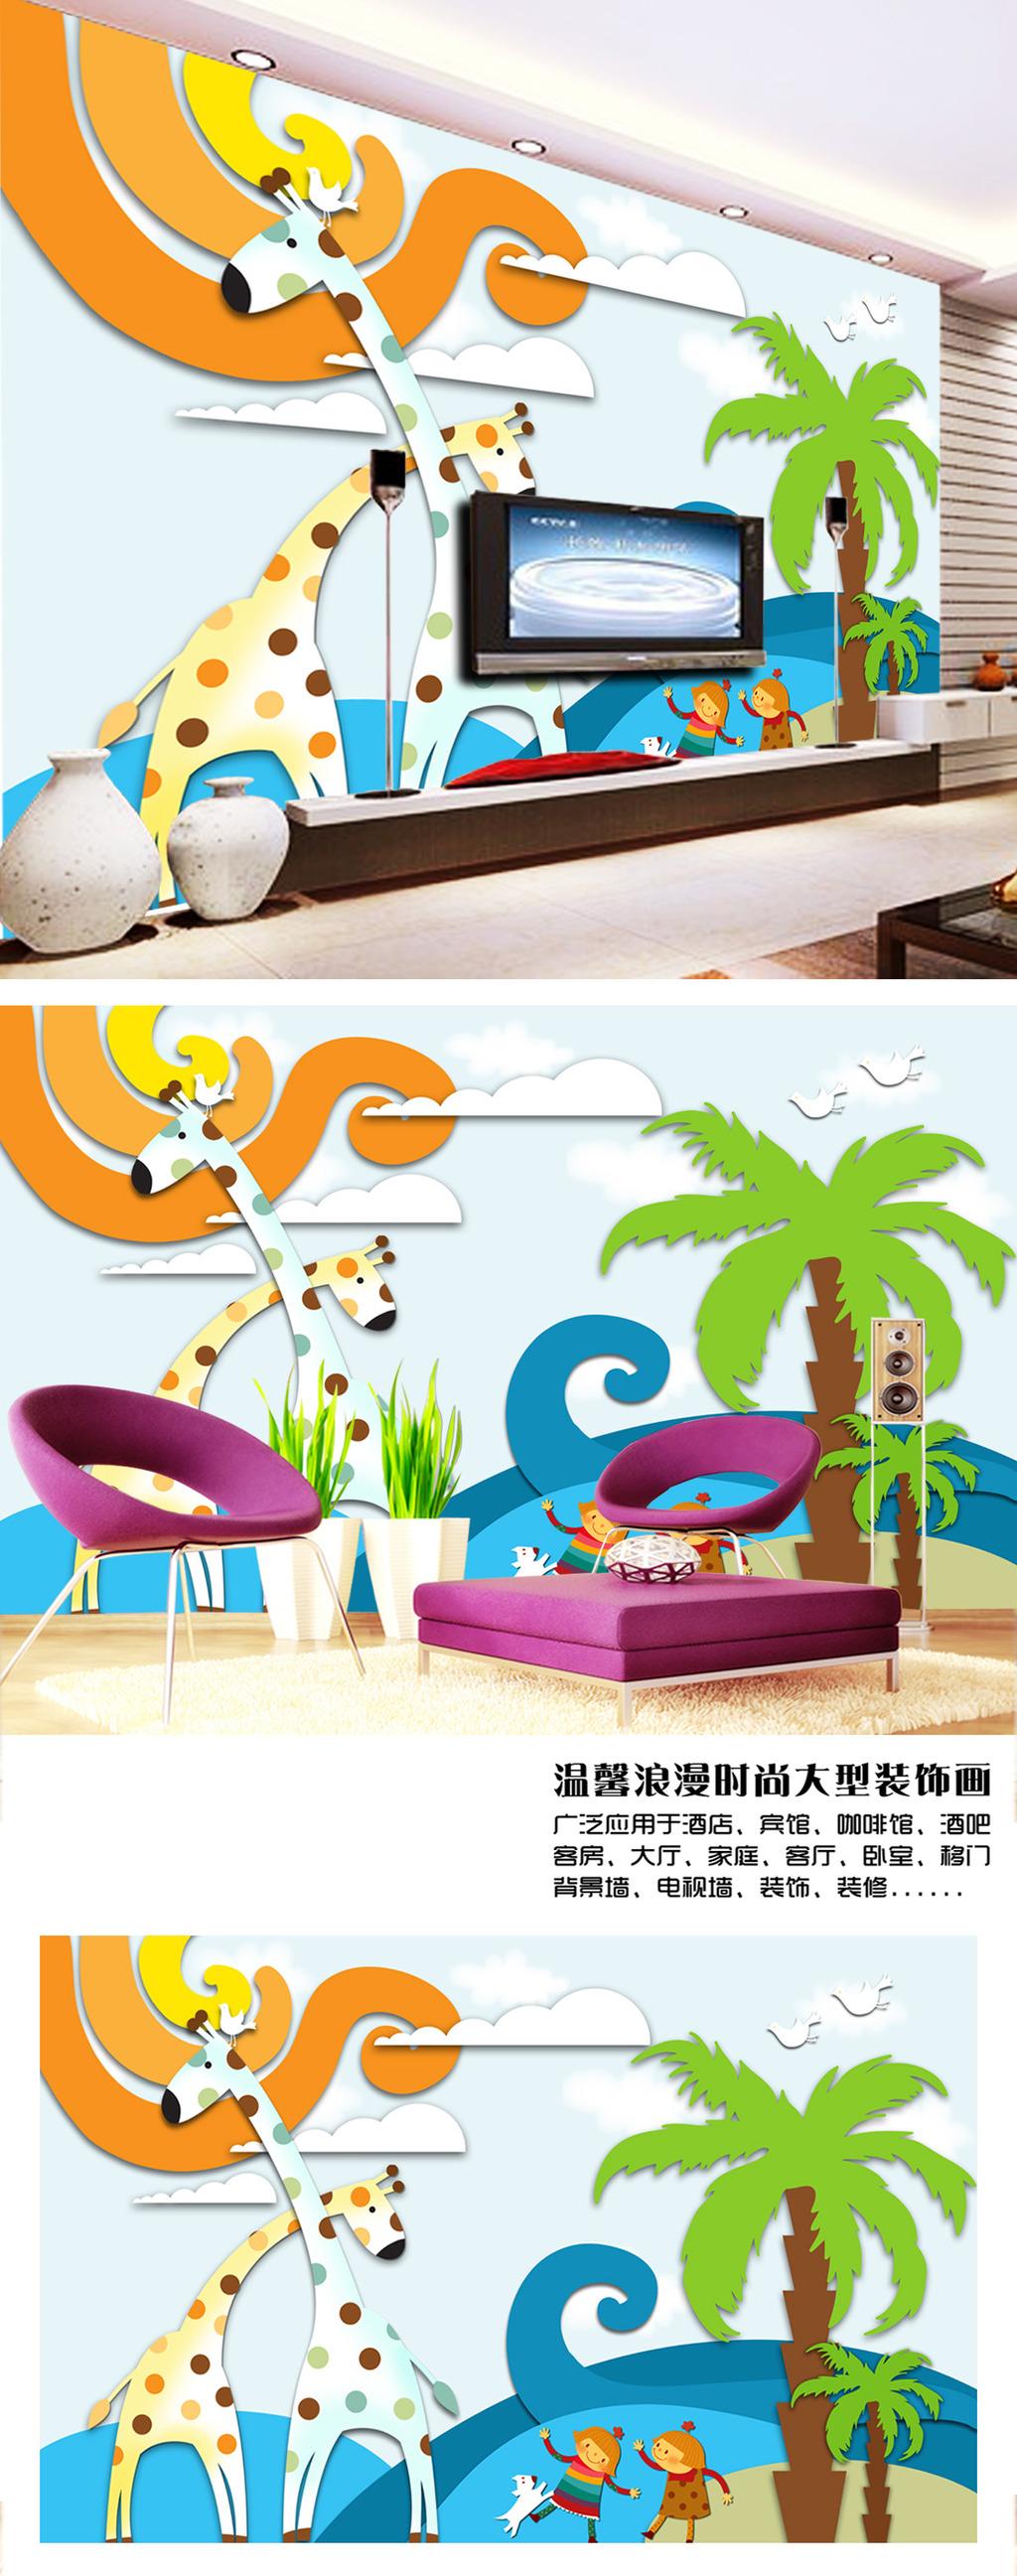 3d长颈鹿电视背景墙装饰画